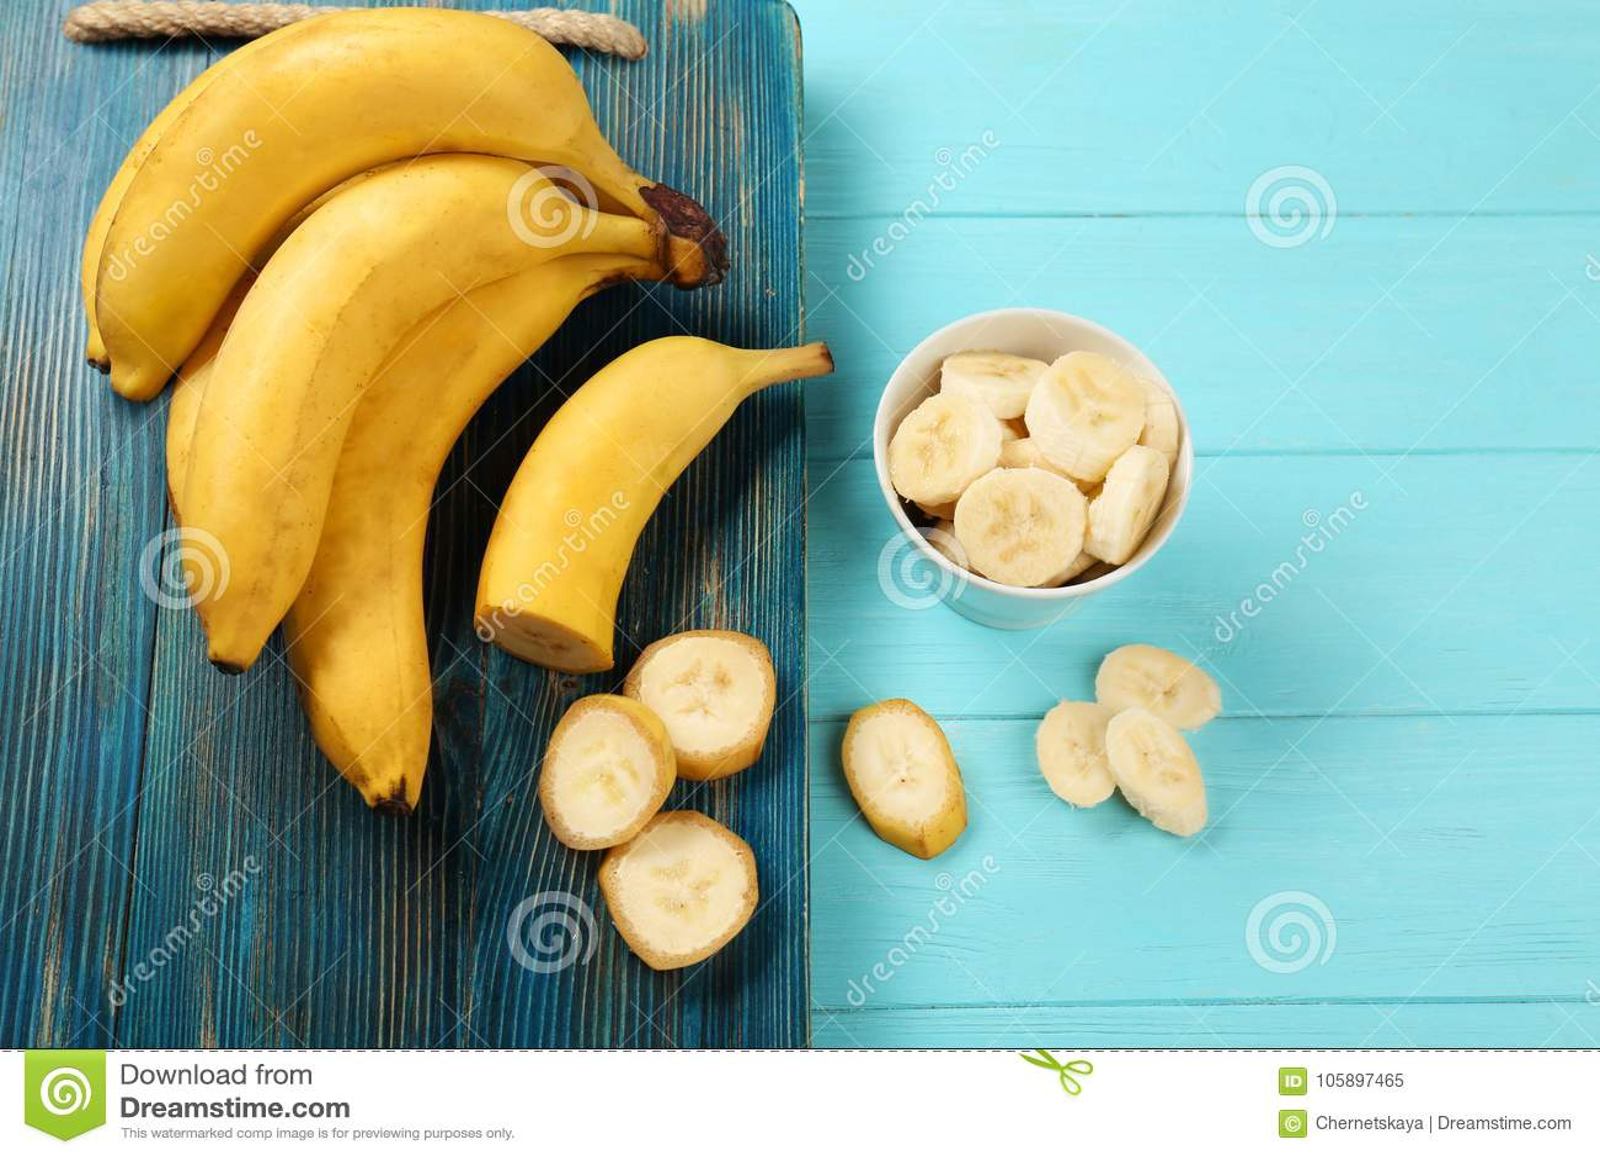 美味的香蕉和碗有切片的